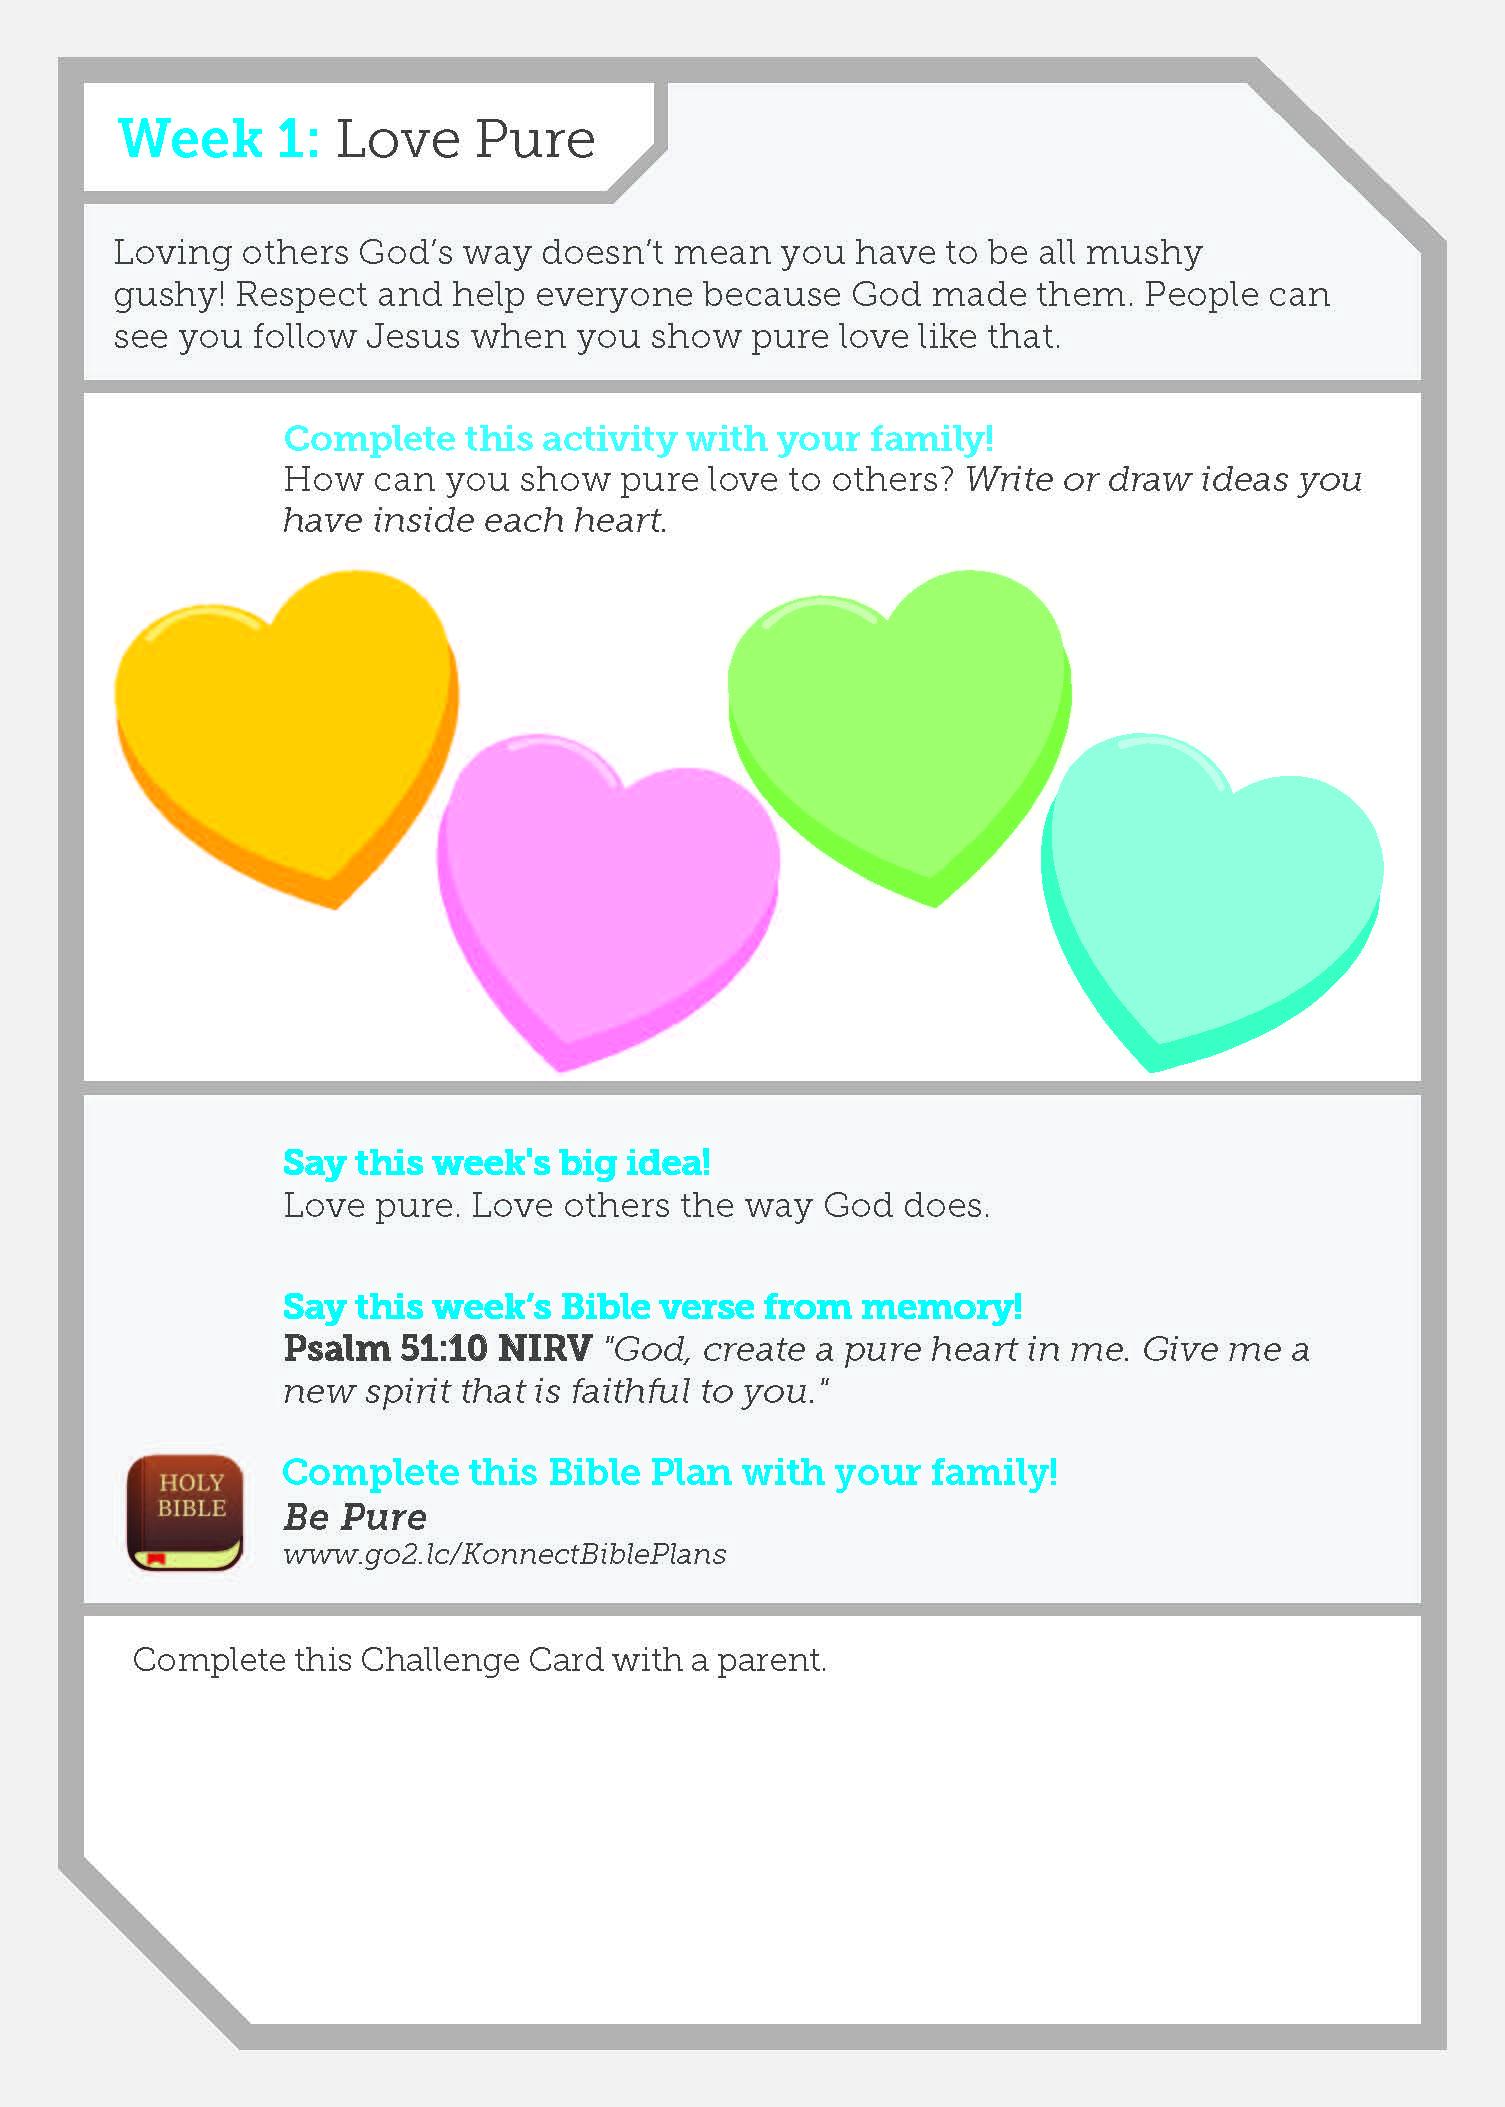 week 1 challenge card.jpg